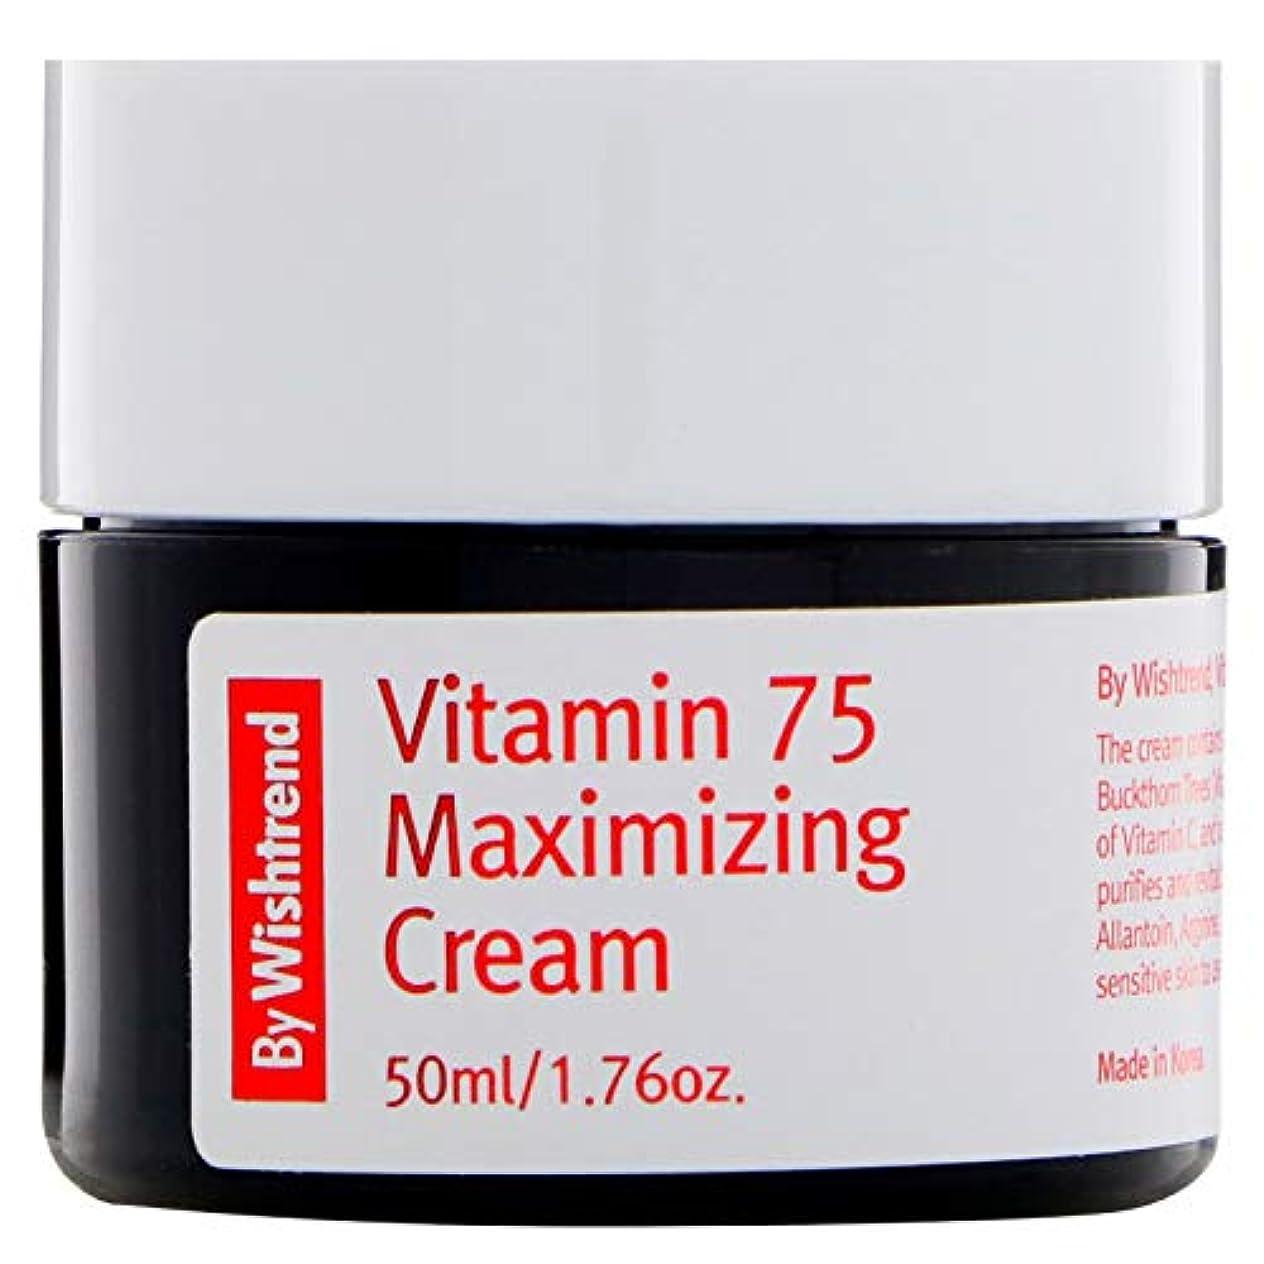 夜明け旧正月暴君[BY WISHTREND]ビタミン75 マキシマイジング クリーム, Vitamin 75 Maximizing Cream [並行輸入品]